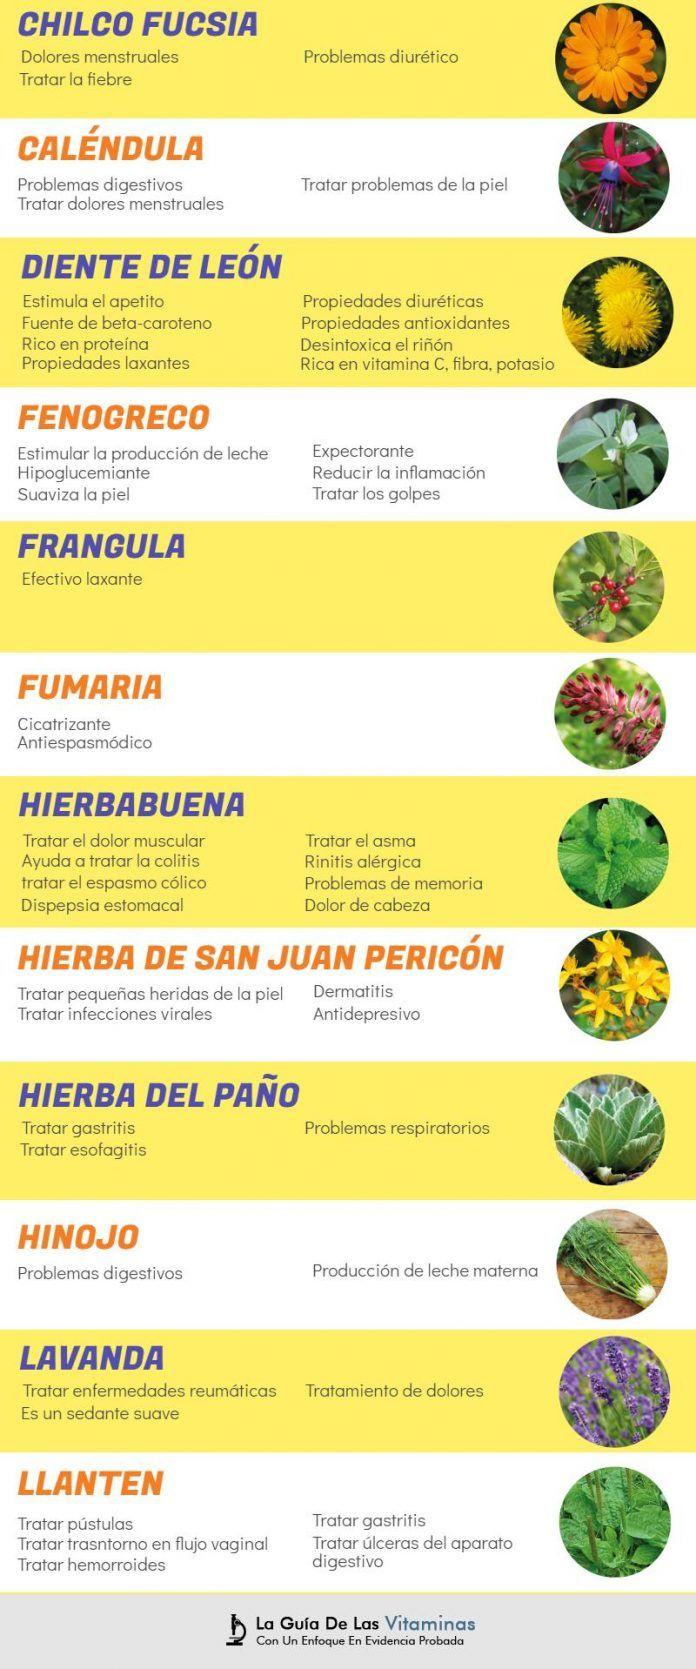 hierbas para reducir el apetito